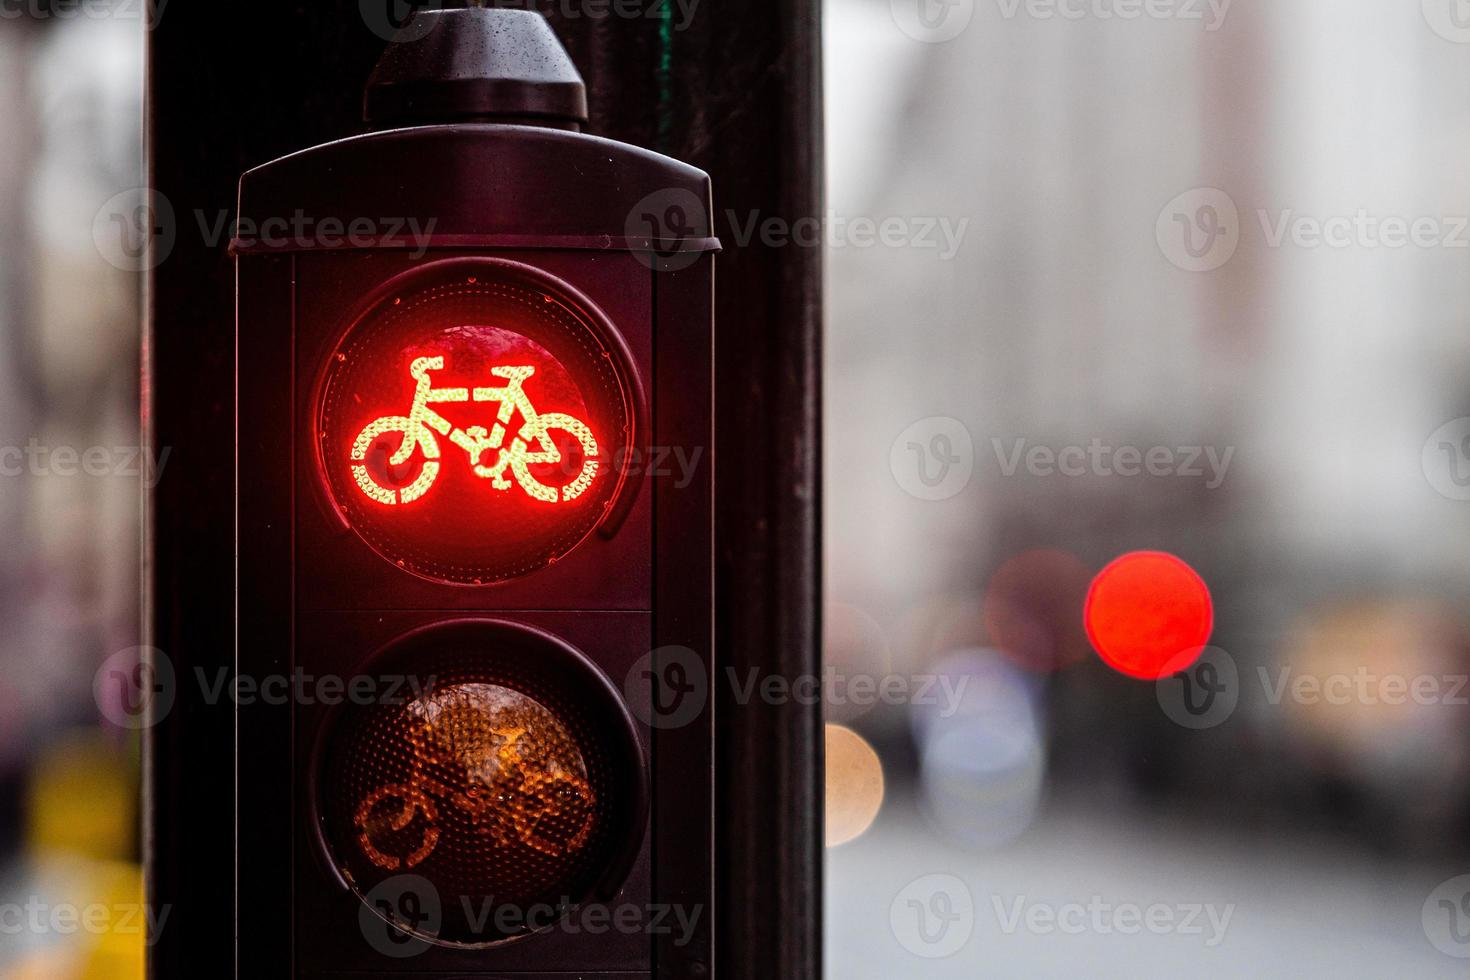 Señal de tráfico de bicicleta roja con fondo de ciudad borrosa foto